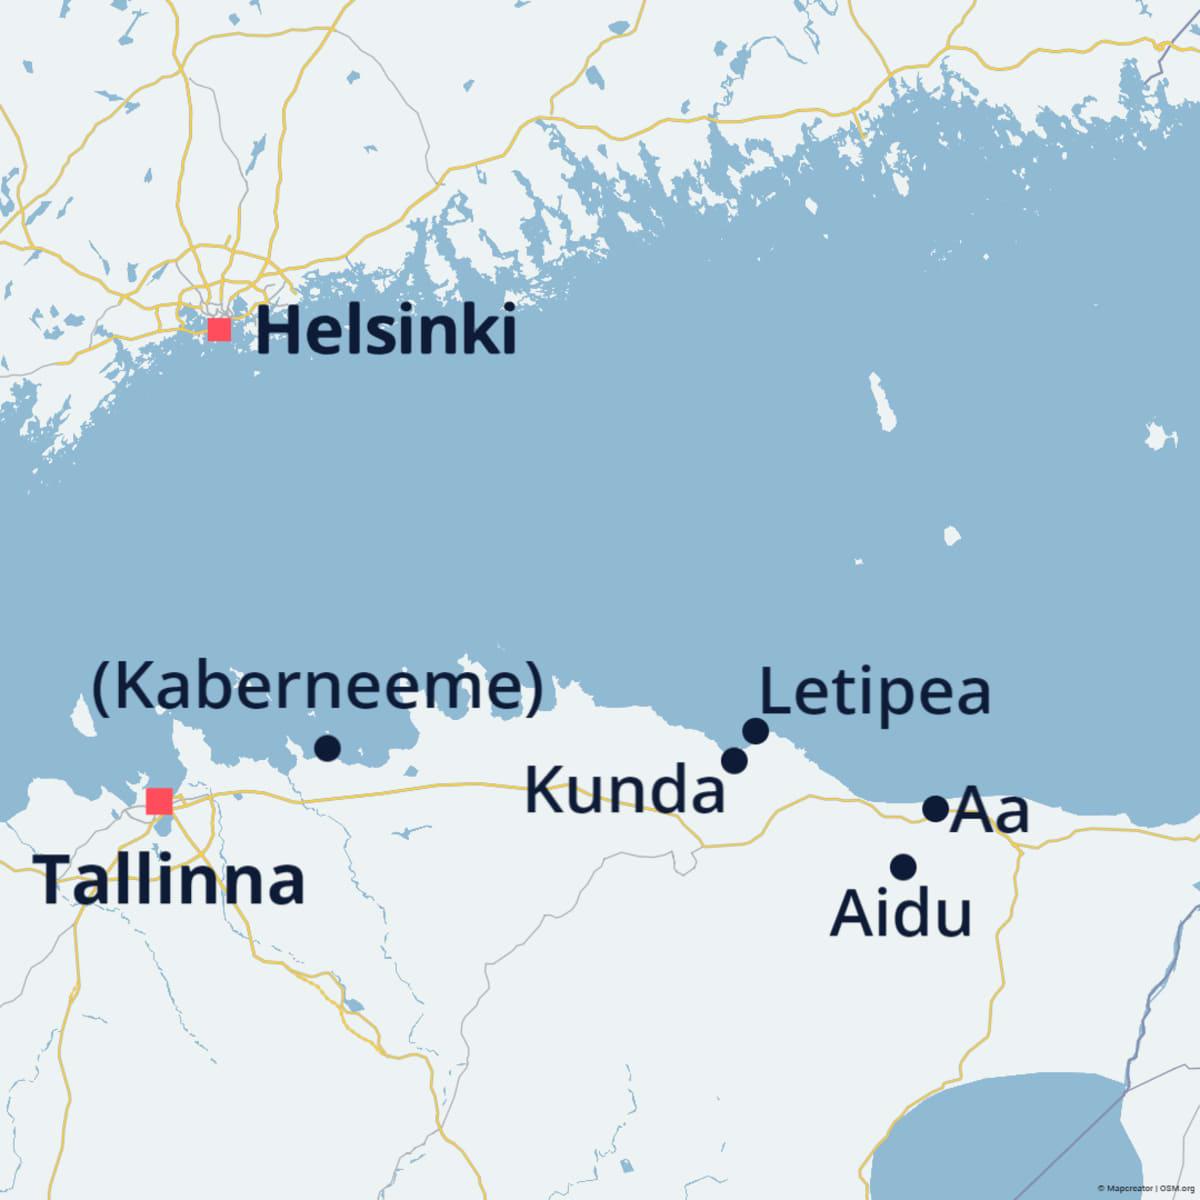 Kartalla Helsinki, Tallinna, Kaberneeme, Kunda, Letipea, Aidu ja Aa.